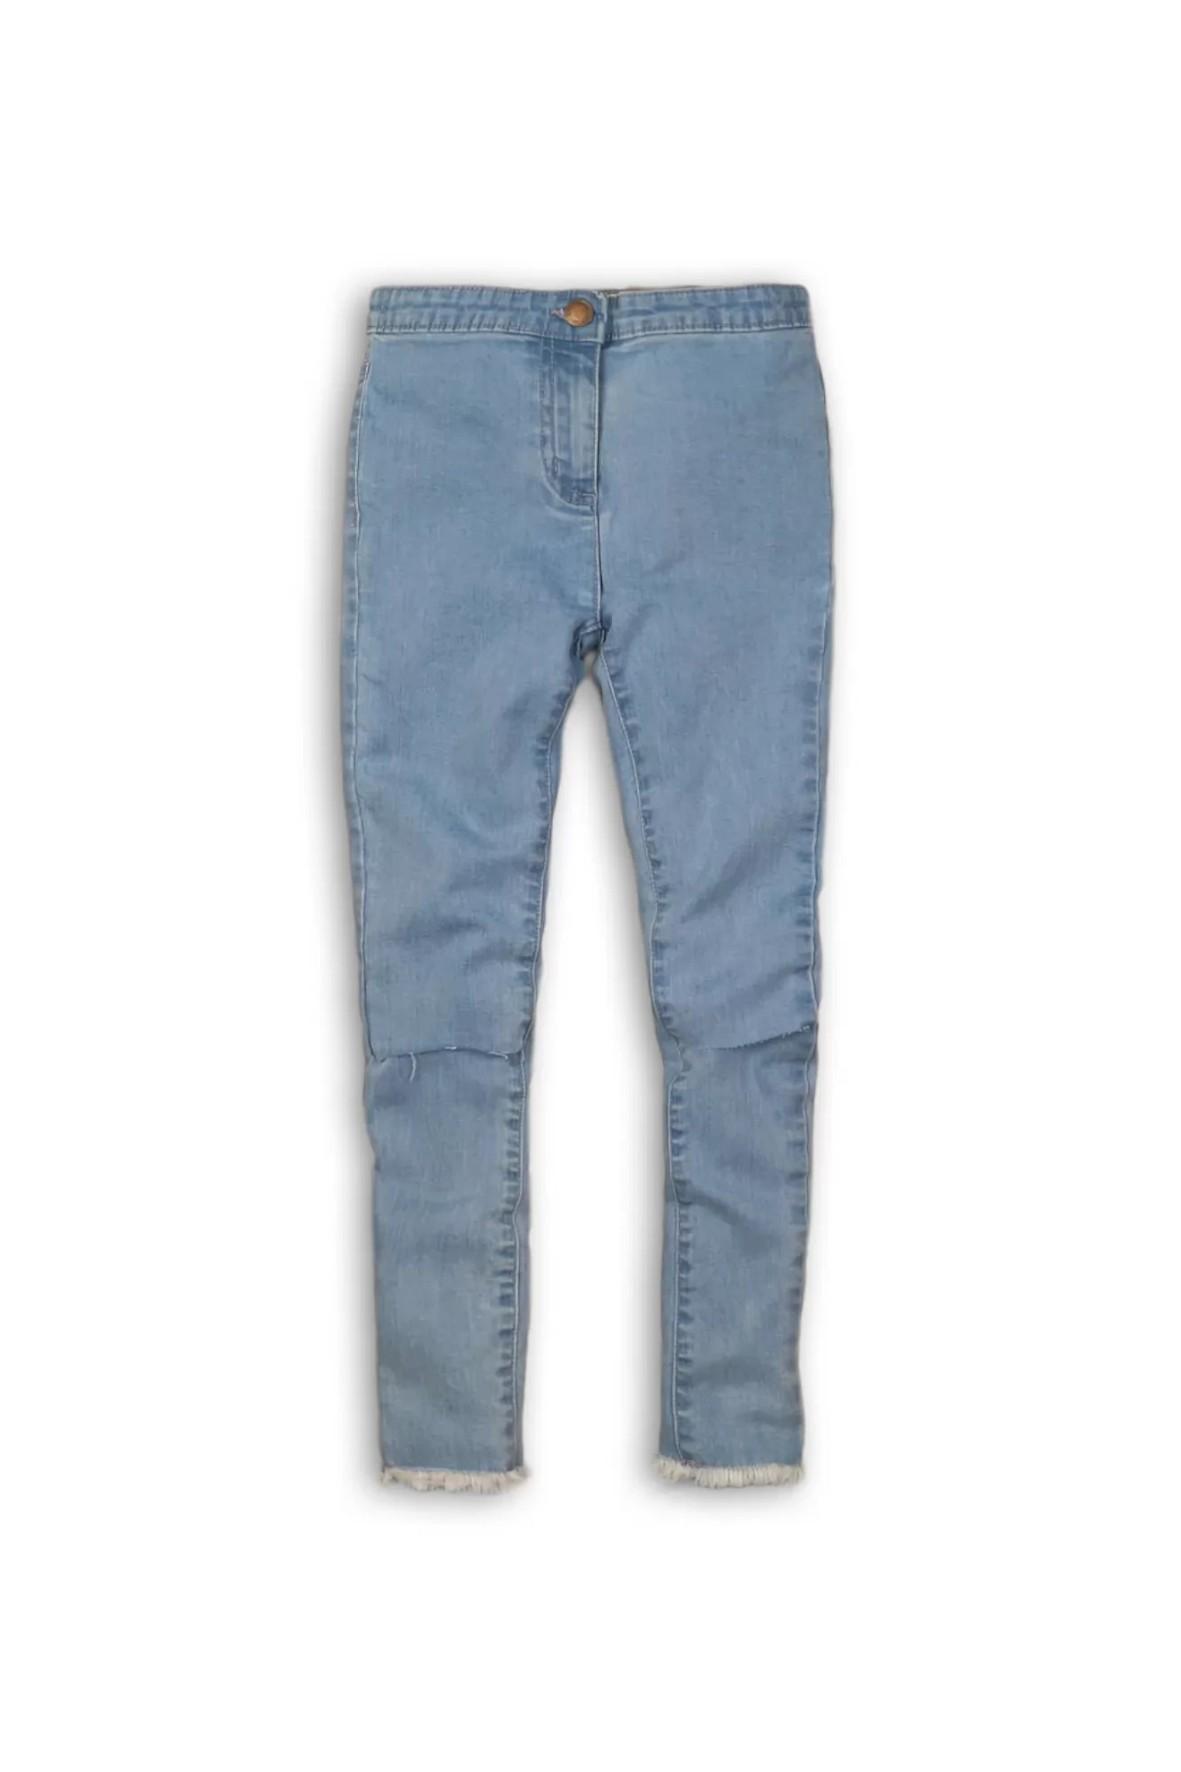 Jegginsy dziewczęce jeansowe- niebieskie